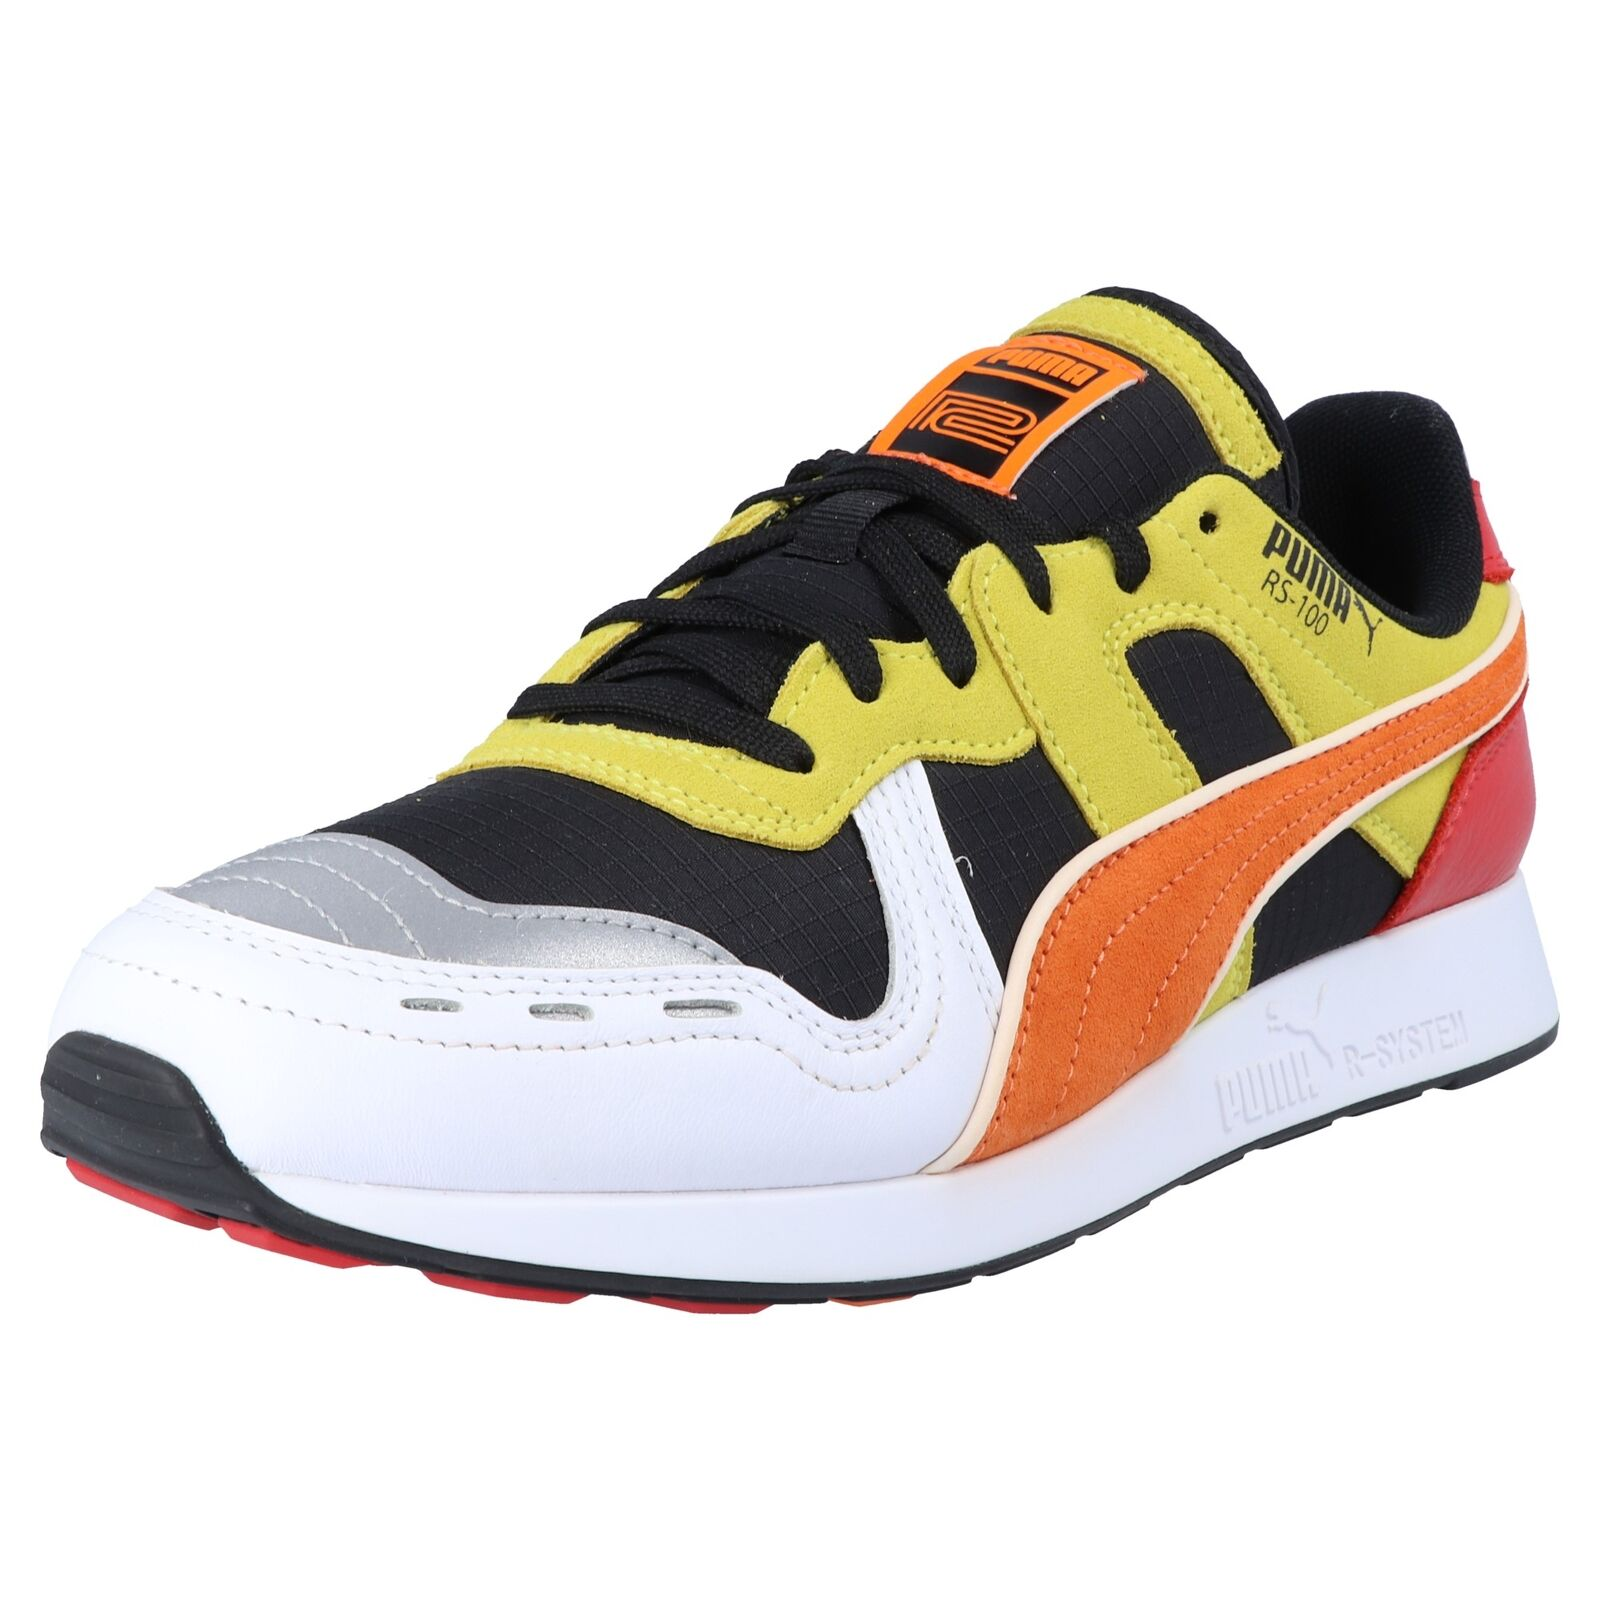 Puma RS 100 x roland unisex fashion cortos zapatillas zapatos multiColor naranja amarillo